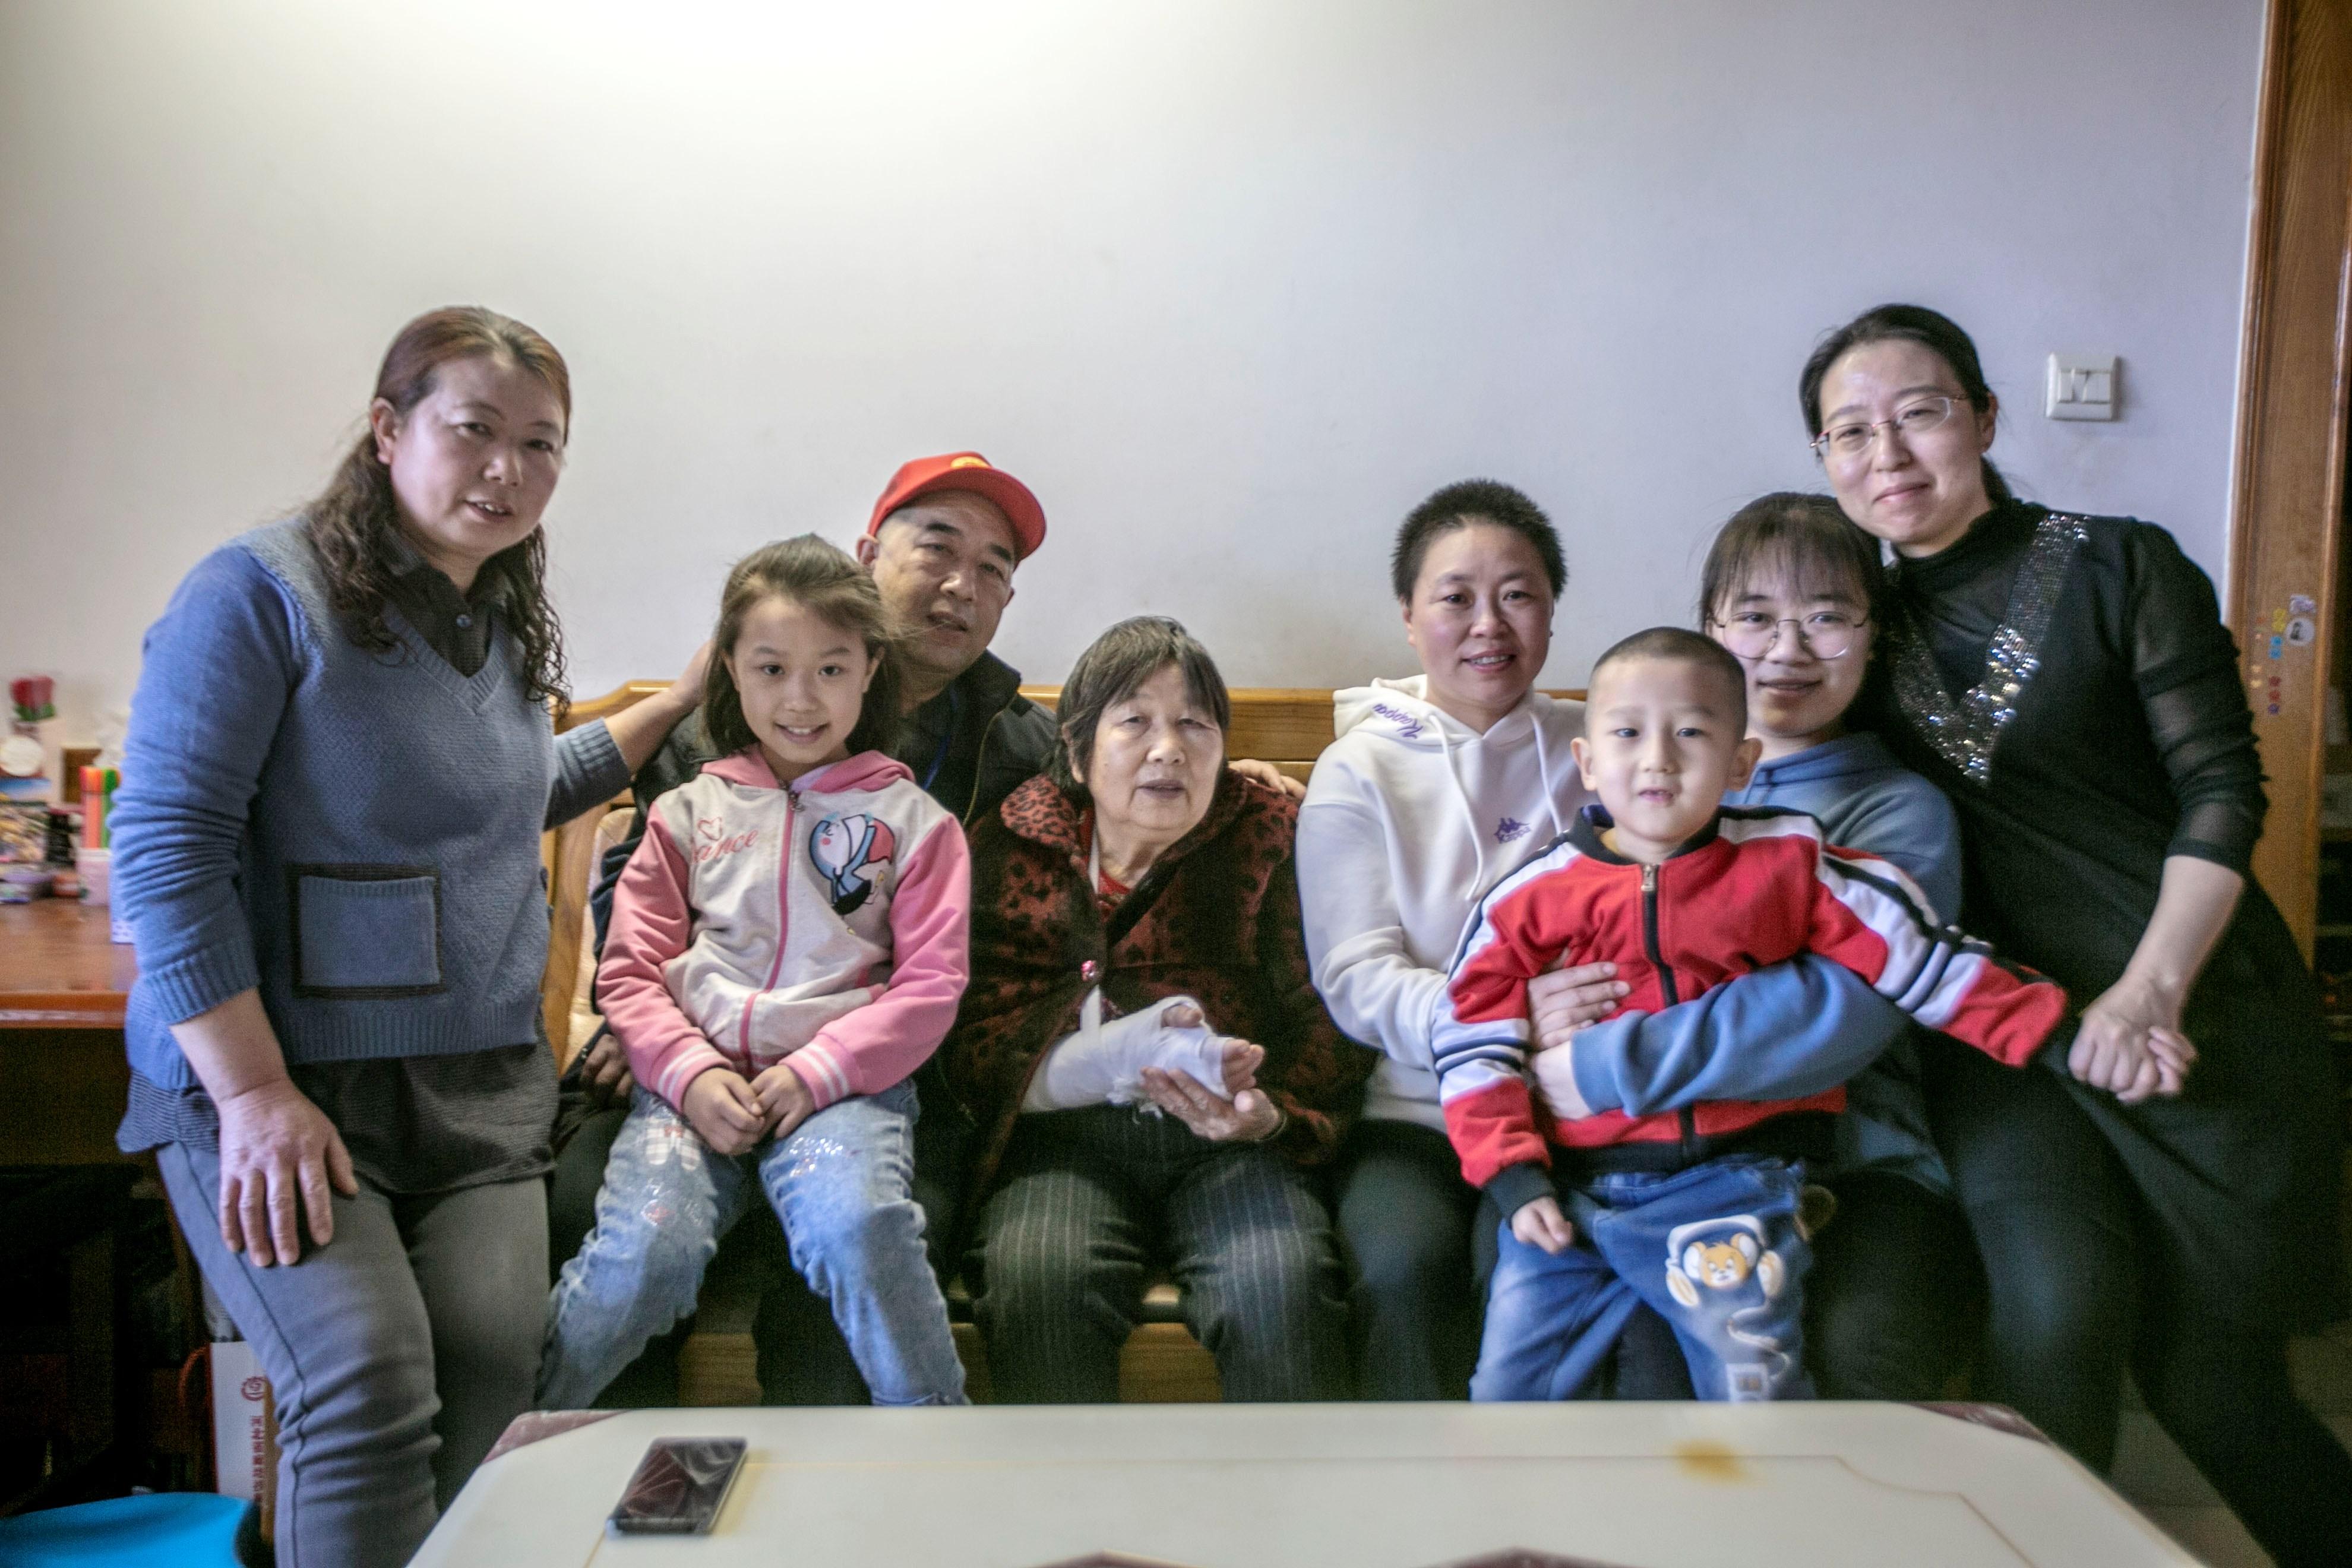 2020年4月3日,胡波解除医学隔离回家,摄影记者到家里跟拍的团聚照片(母亲帮做家务时摔骨折,父亲因疫情在家乡至今未能过来团聚,在富士康打工的妹妹、弟媳和侄子).jpg